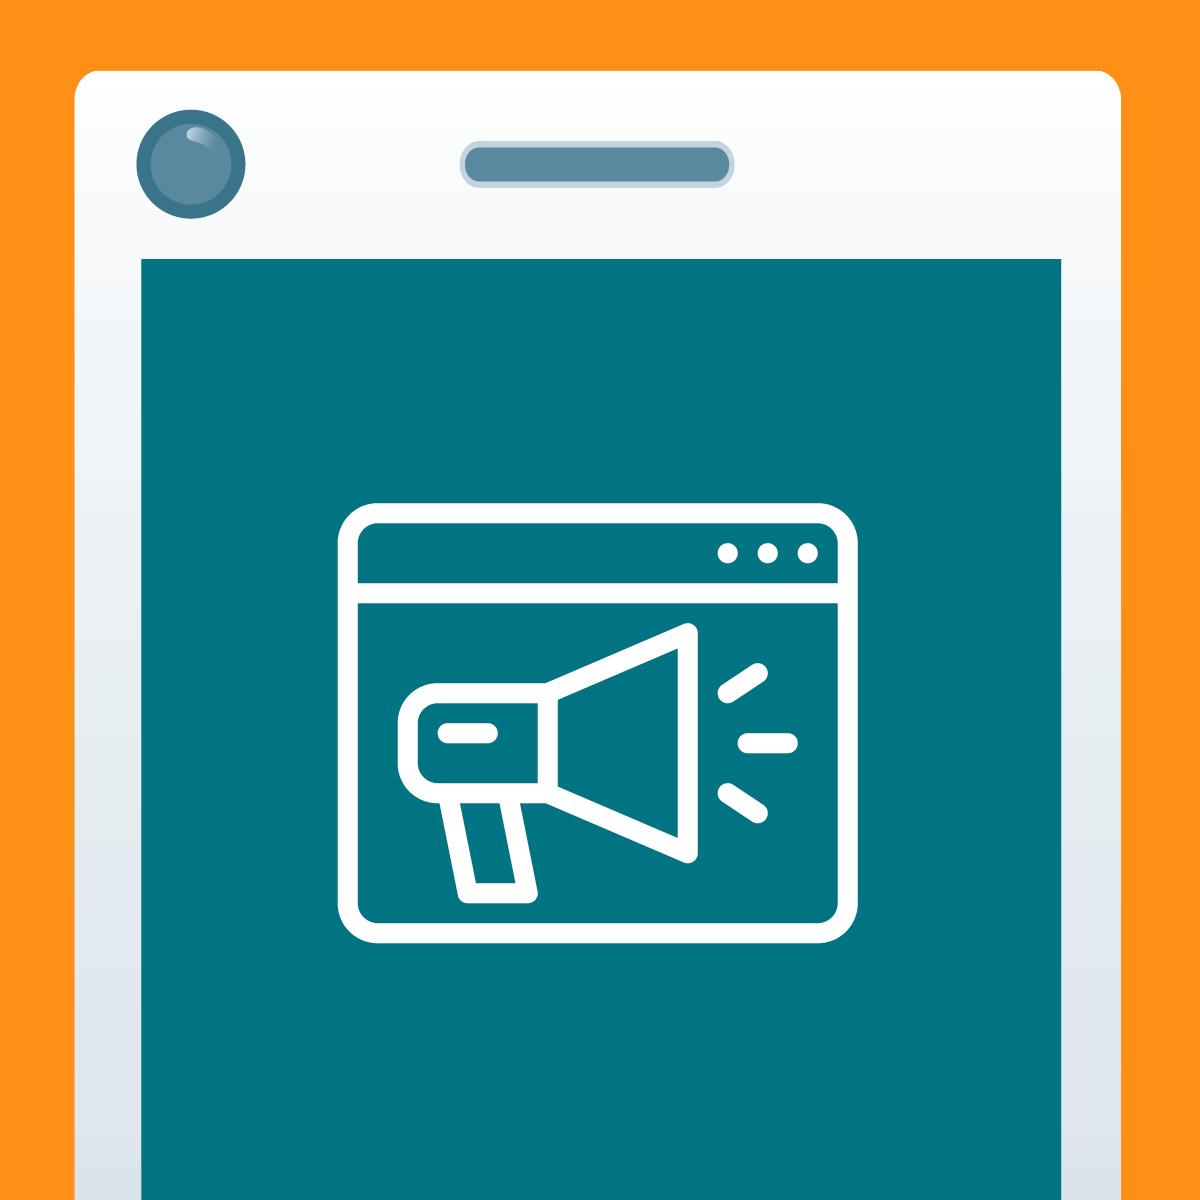 Online/Digital Marketing - Social Media Marketing